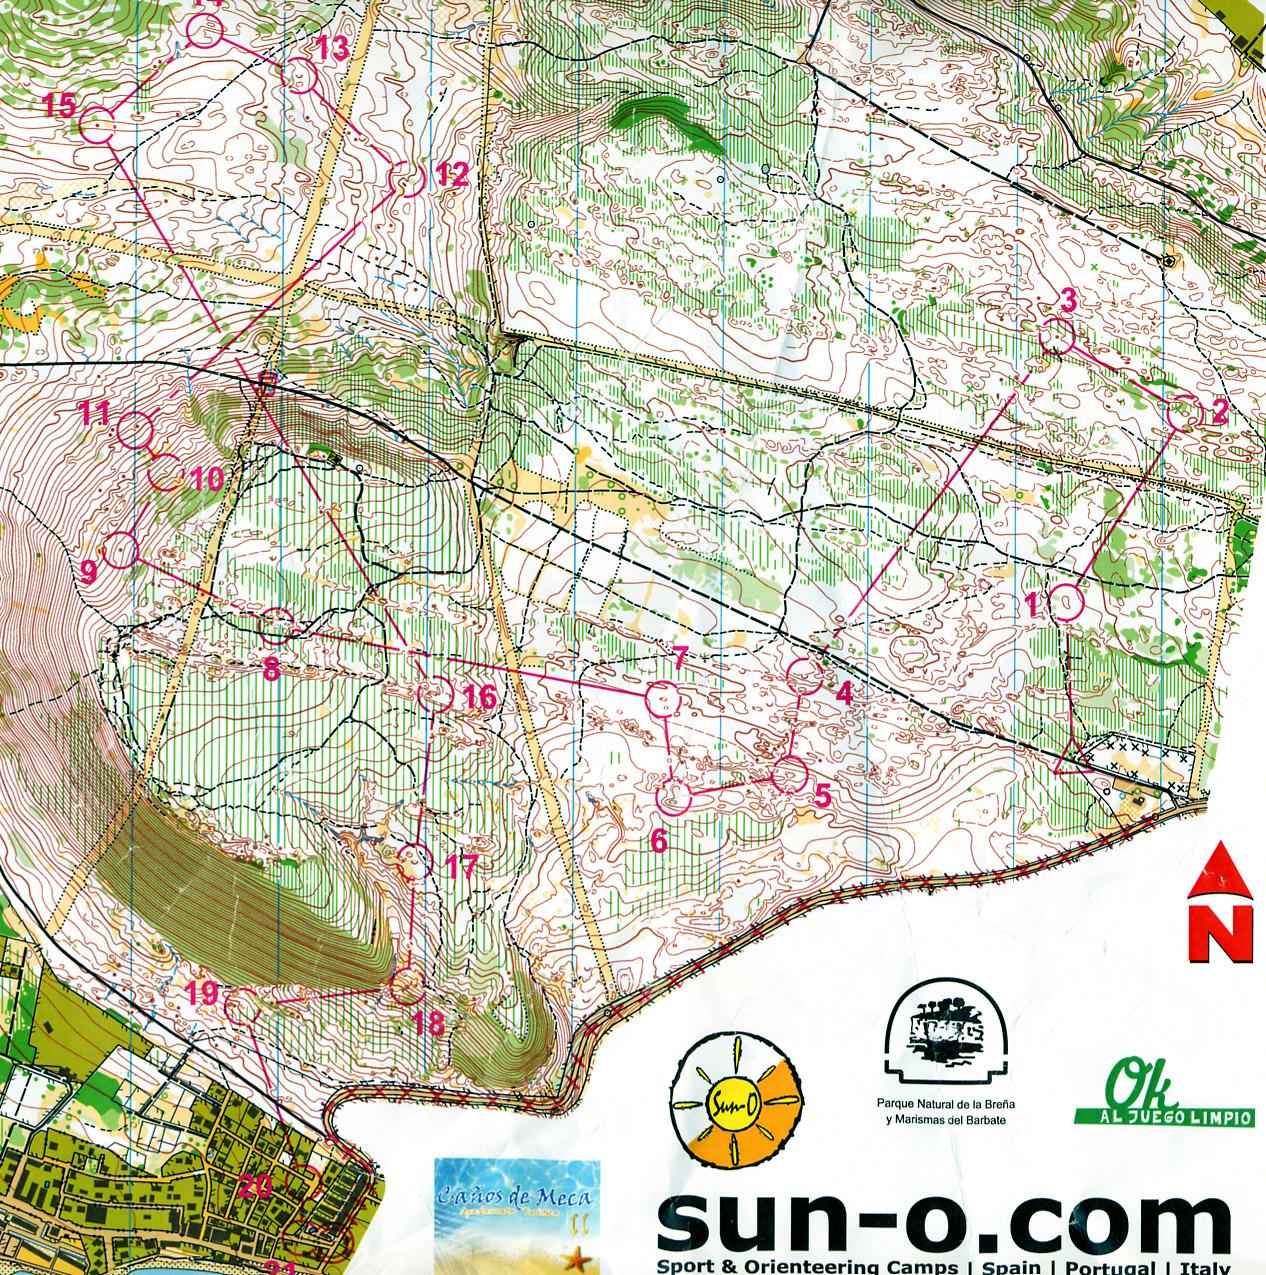 kart og bilder Map 2: Bilder og kart fra Andalucia O Meeting   March 3rd 2011  kart og bilder